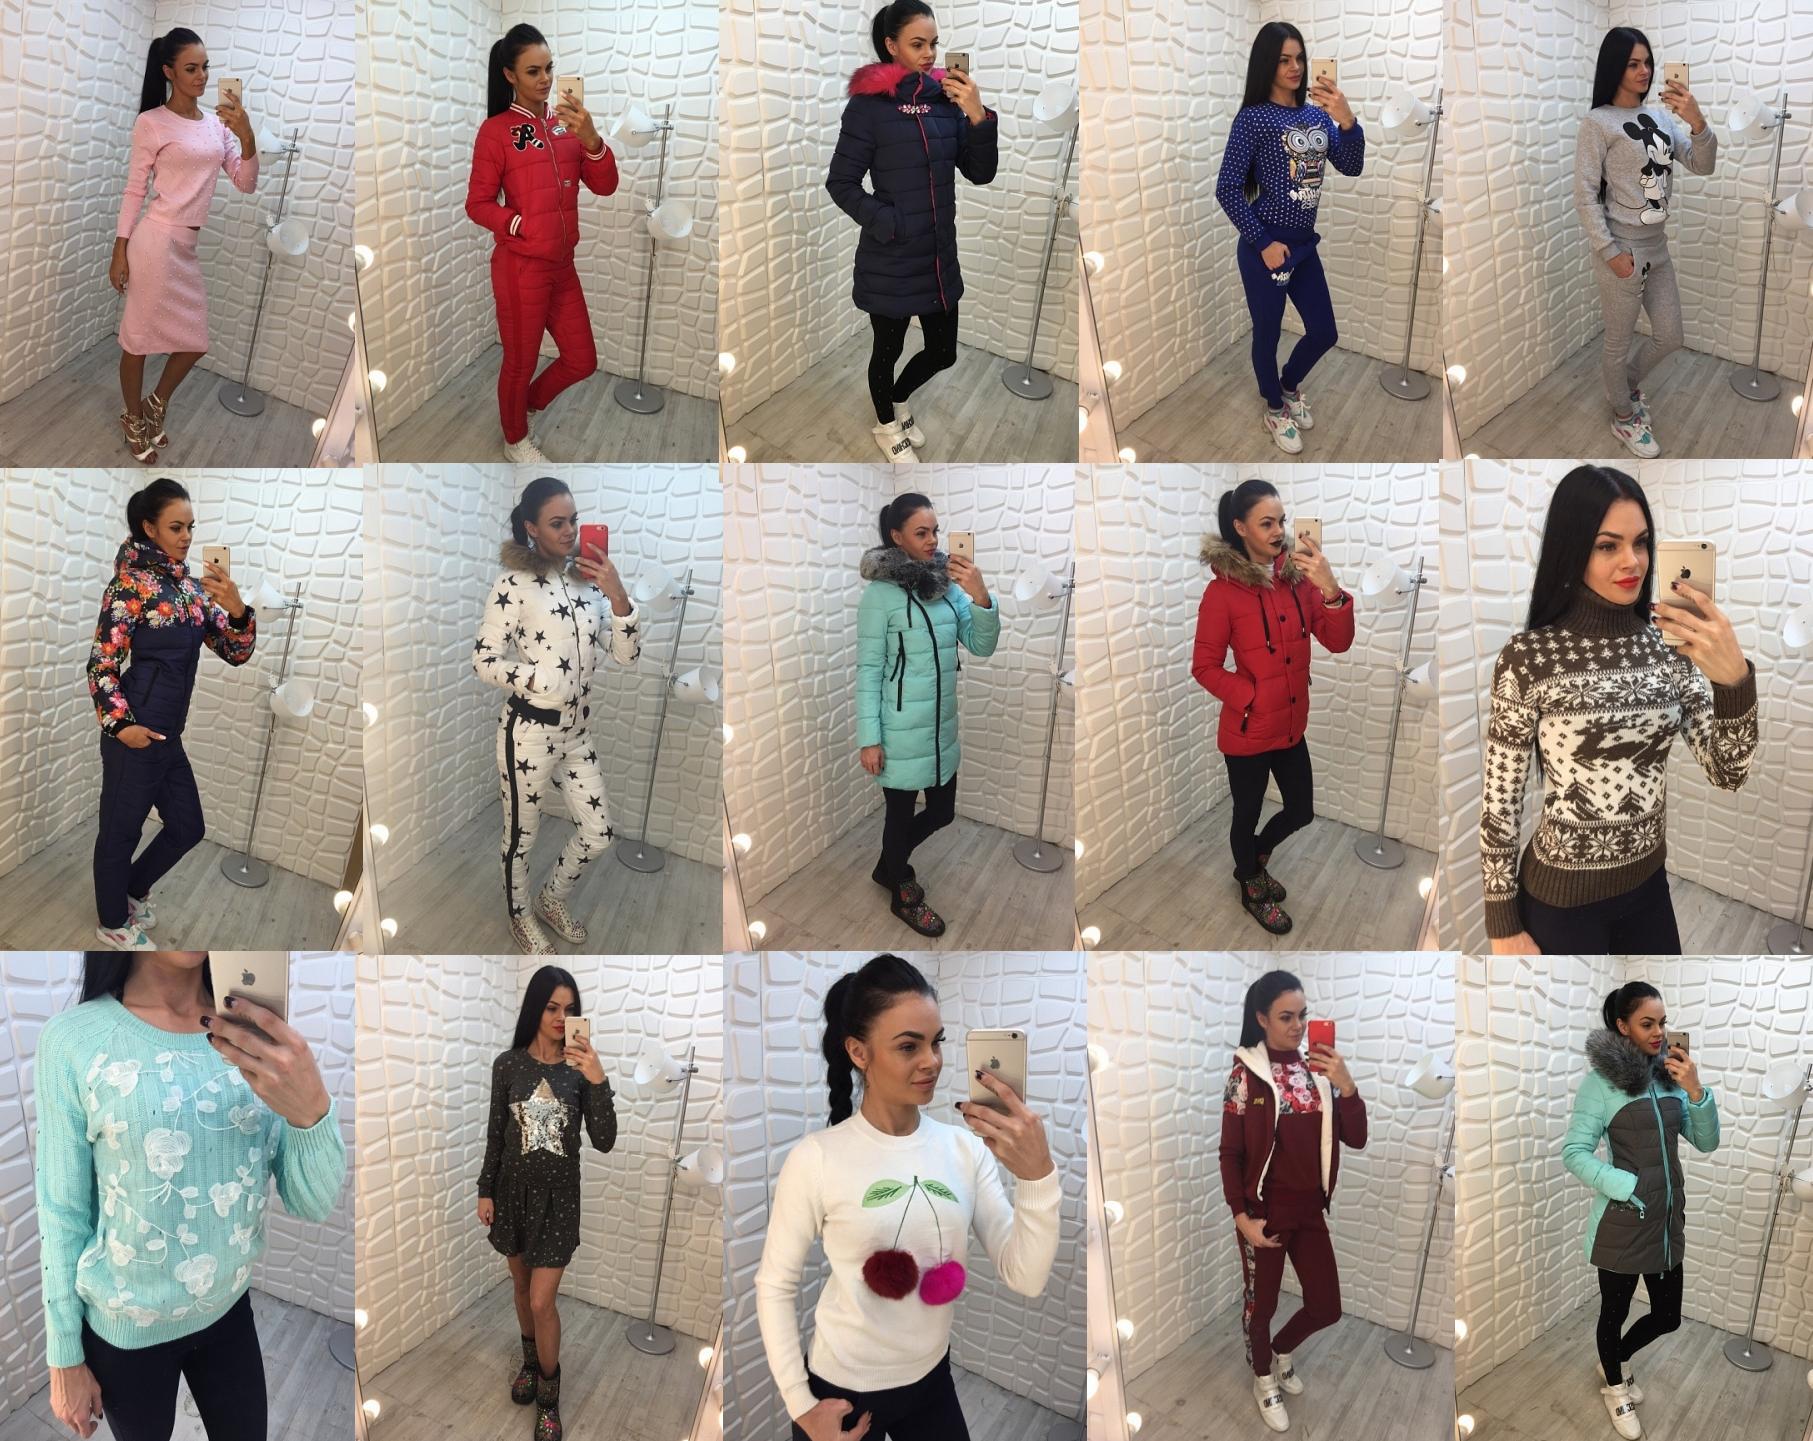 Женская молодежная одежда-куртки осень-зима,пуховики,костюмы на синтепоне,костюмы на флисе,кофты,свитера и многое другое.Реплики и копии брендов.Есть все,чтобы быть в тренде.Экспресс сбор.В2.